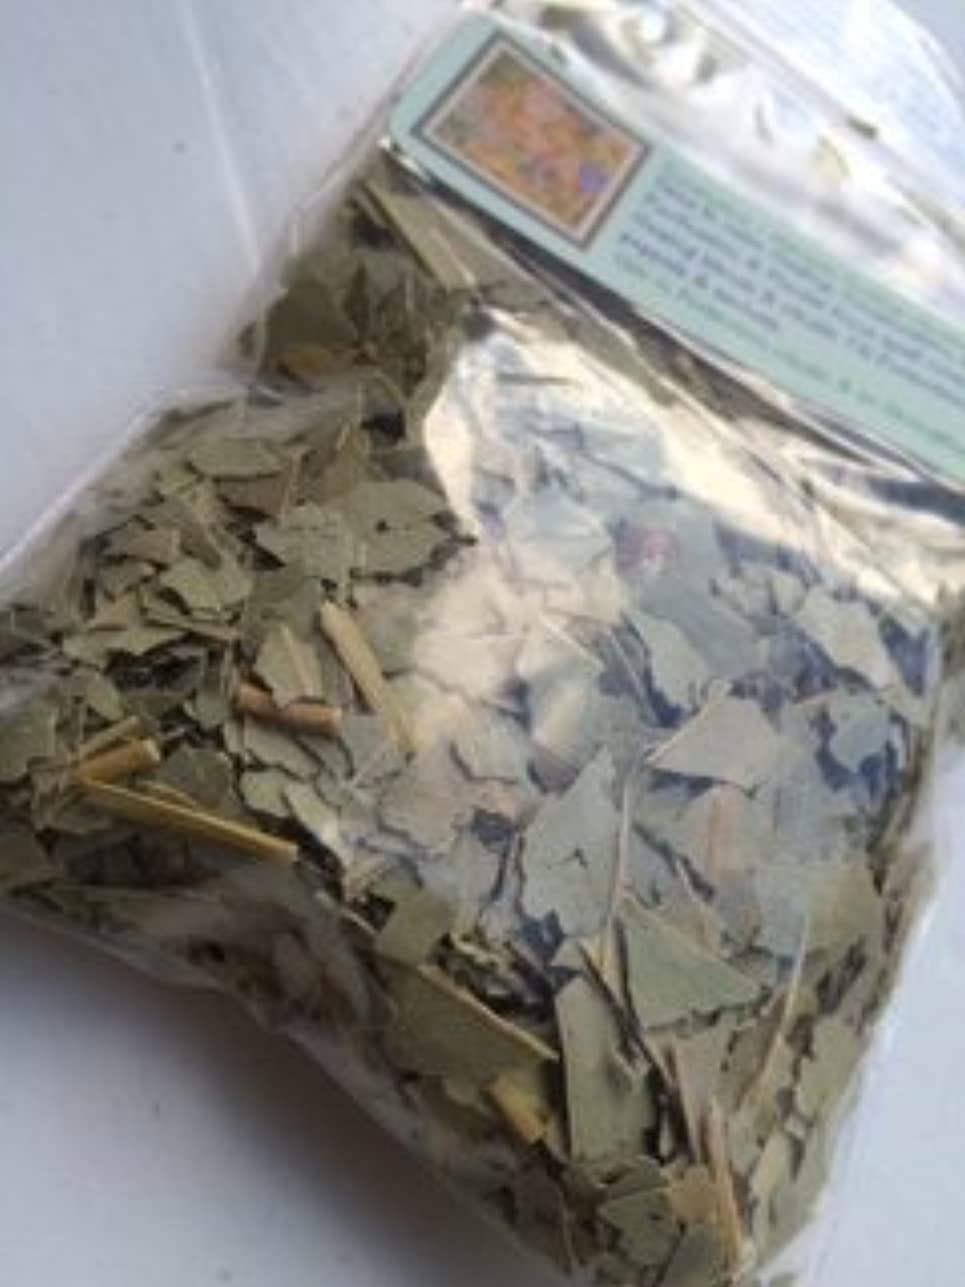 刈る削除するエリートDried Herb ~ 1 oz ~ユーカリカットリーフ~ Ravenz Roost Dried Herbs with special Info Onラベル